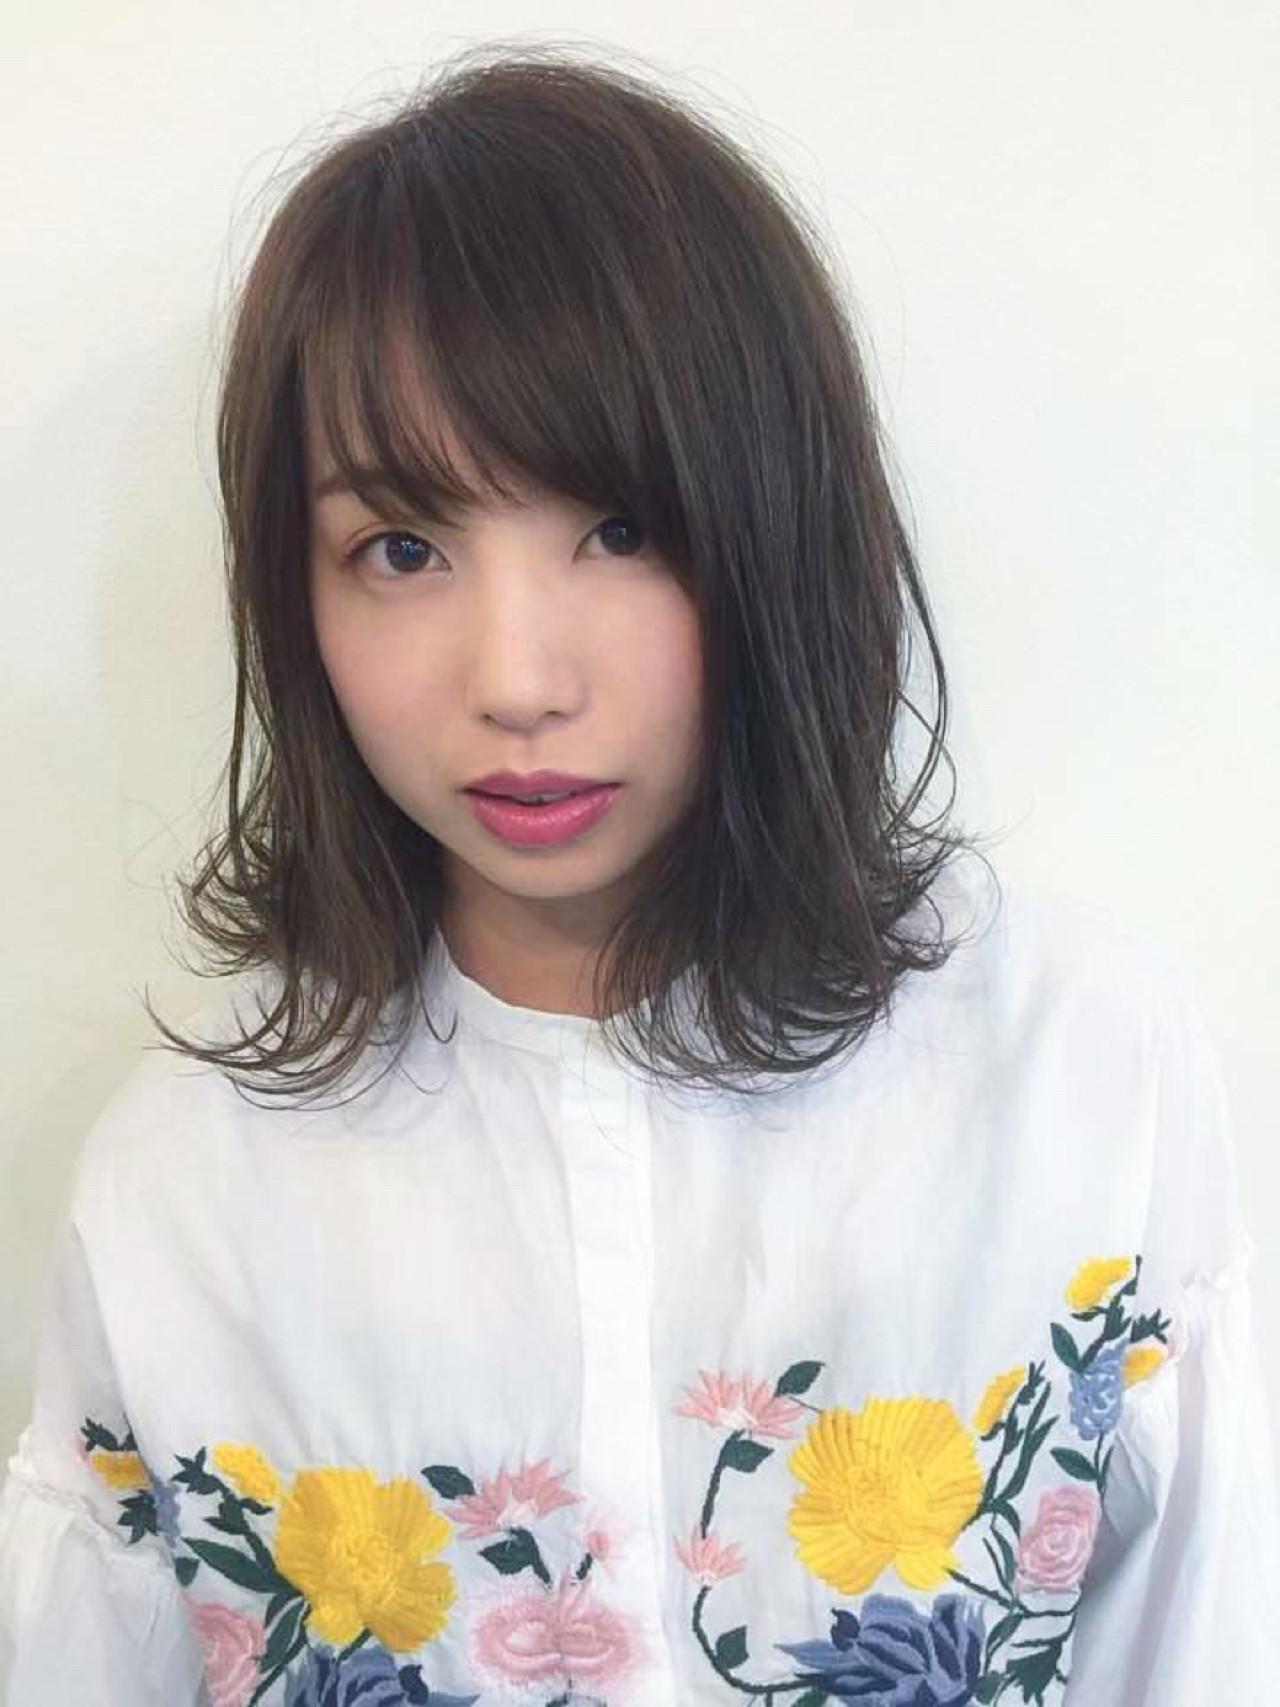 前髪あり ナチュラル ミディアム デート ヘアスタイルや髪型の写真・画像 | 清野 晃 / Lucile/ Well